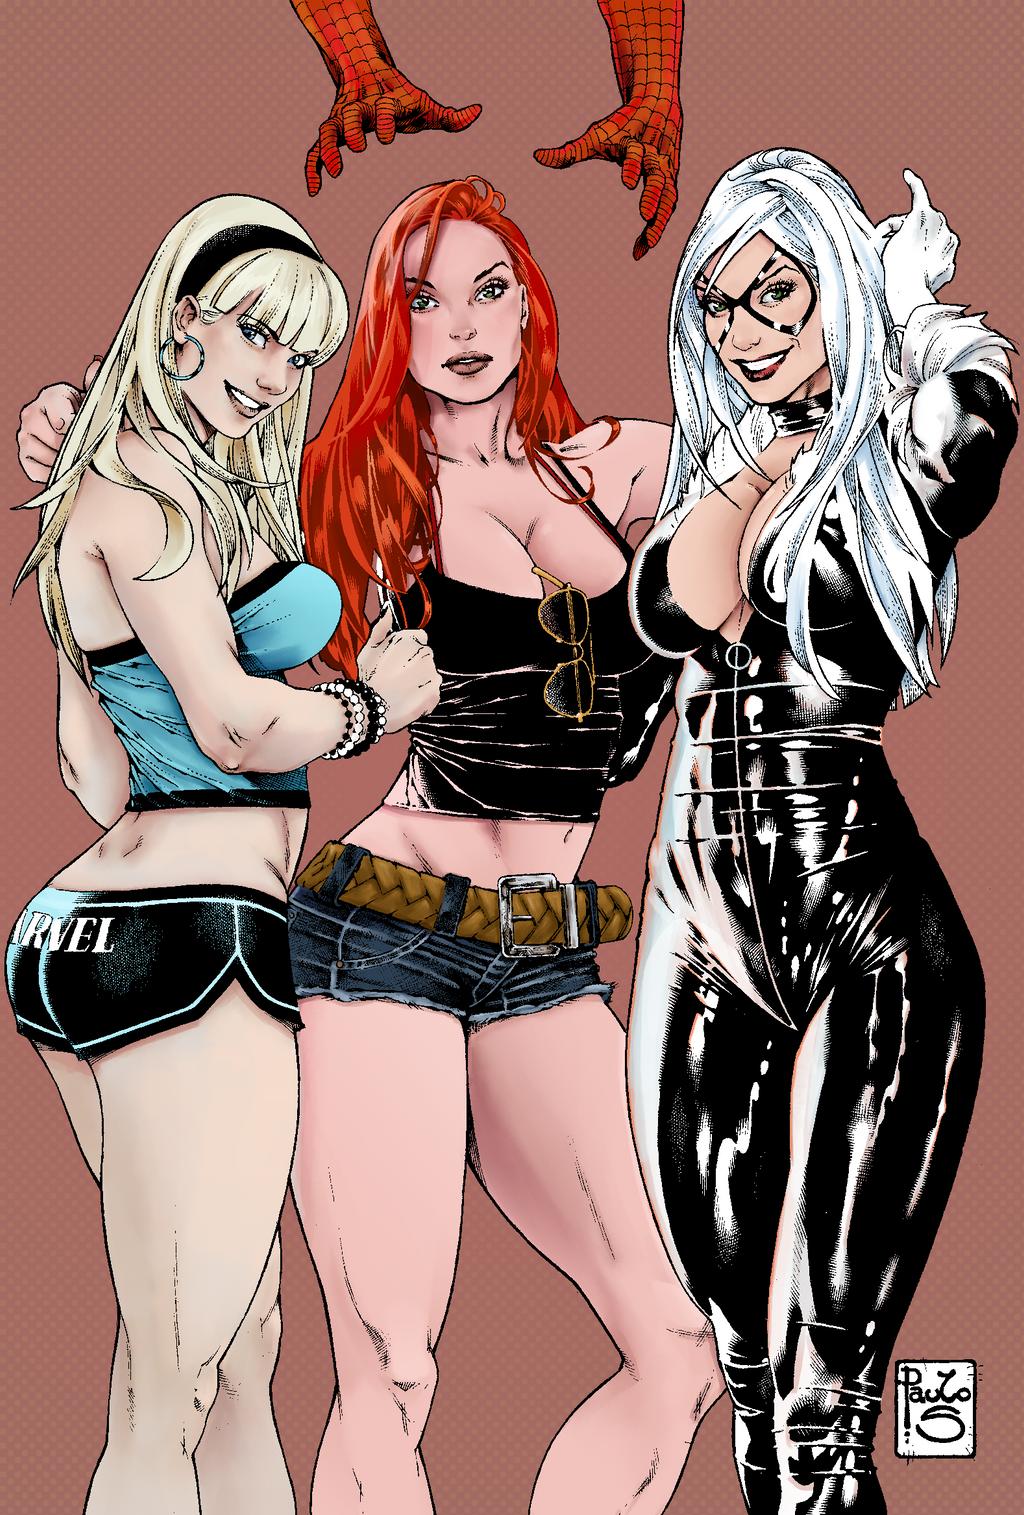 http://fc04.deviantart.net/fs71/i/2013/042/6/0/3_girls_from_marvel_new_one__colour_by_heksagon-d5ukxw4.png